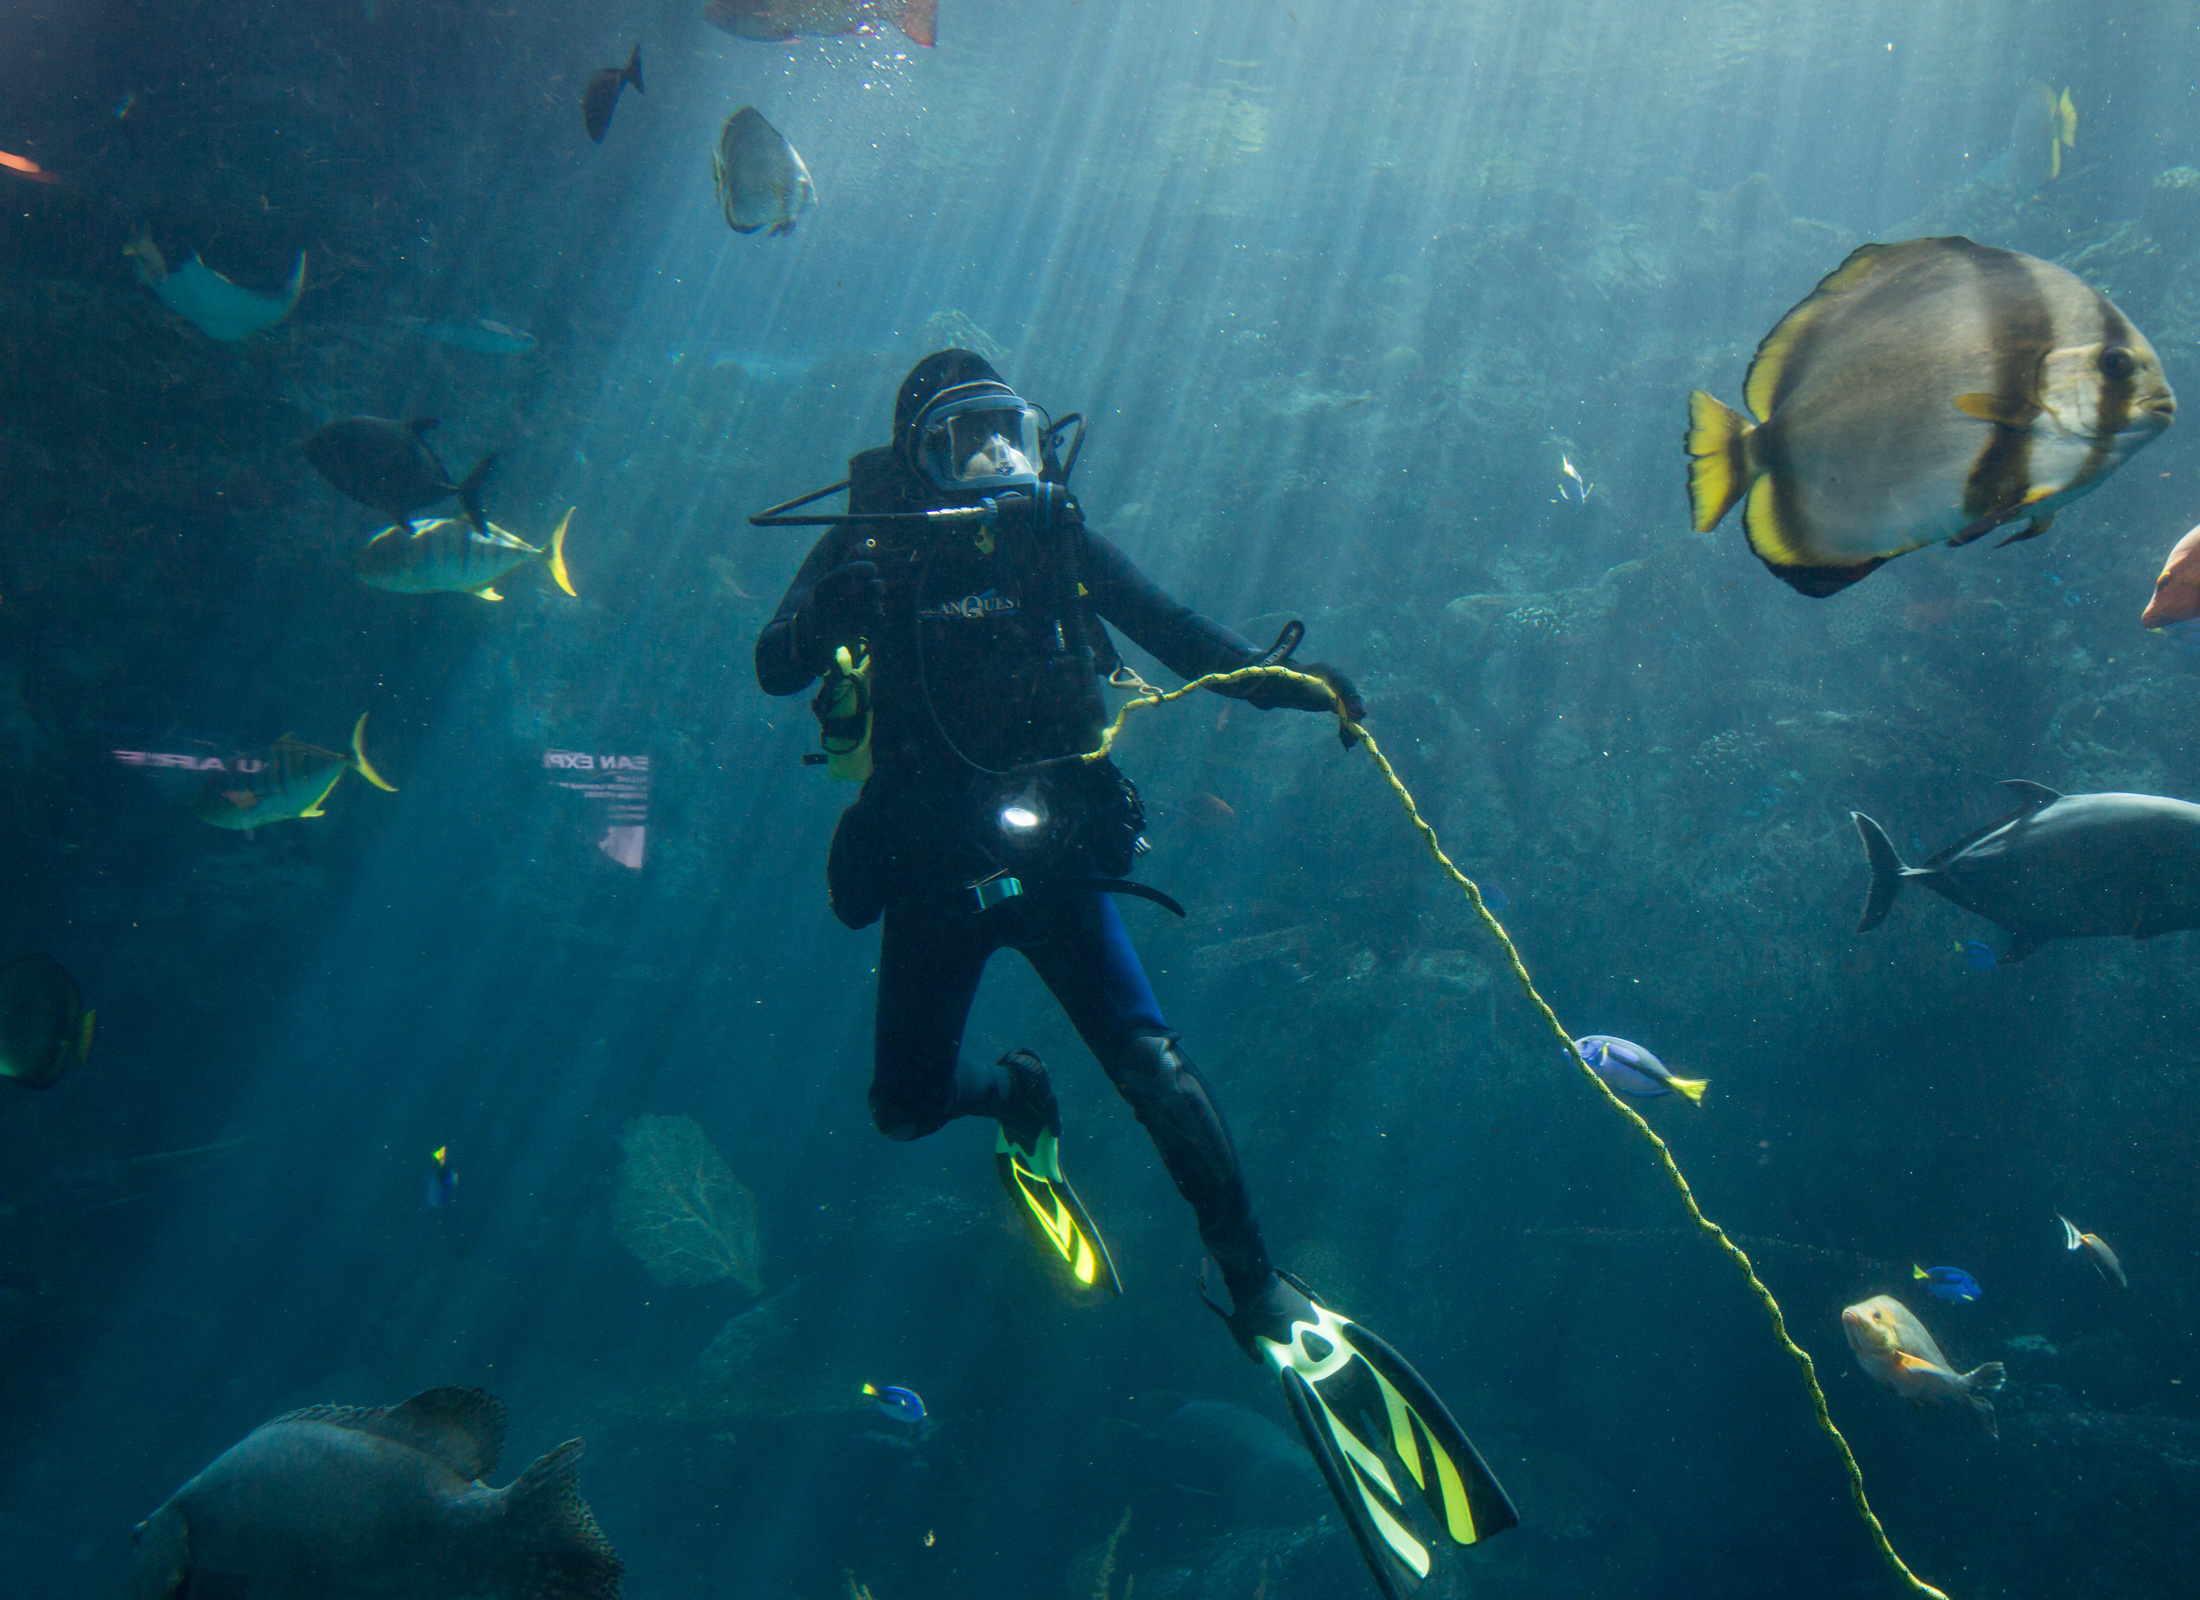 adventure-adventure-fish-underwater-recreation-tropical-fish-diving-outdoor-scuba-aquarium_t20_4JEndy (2)